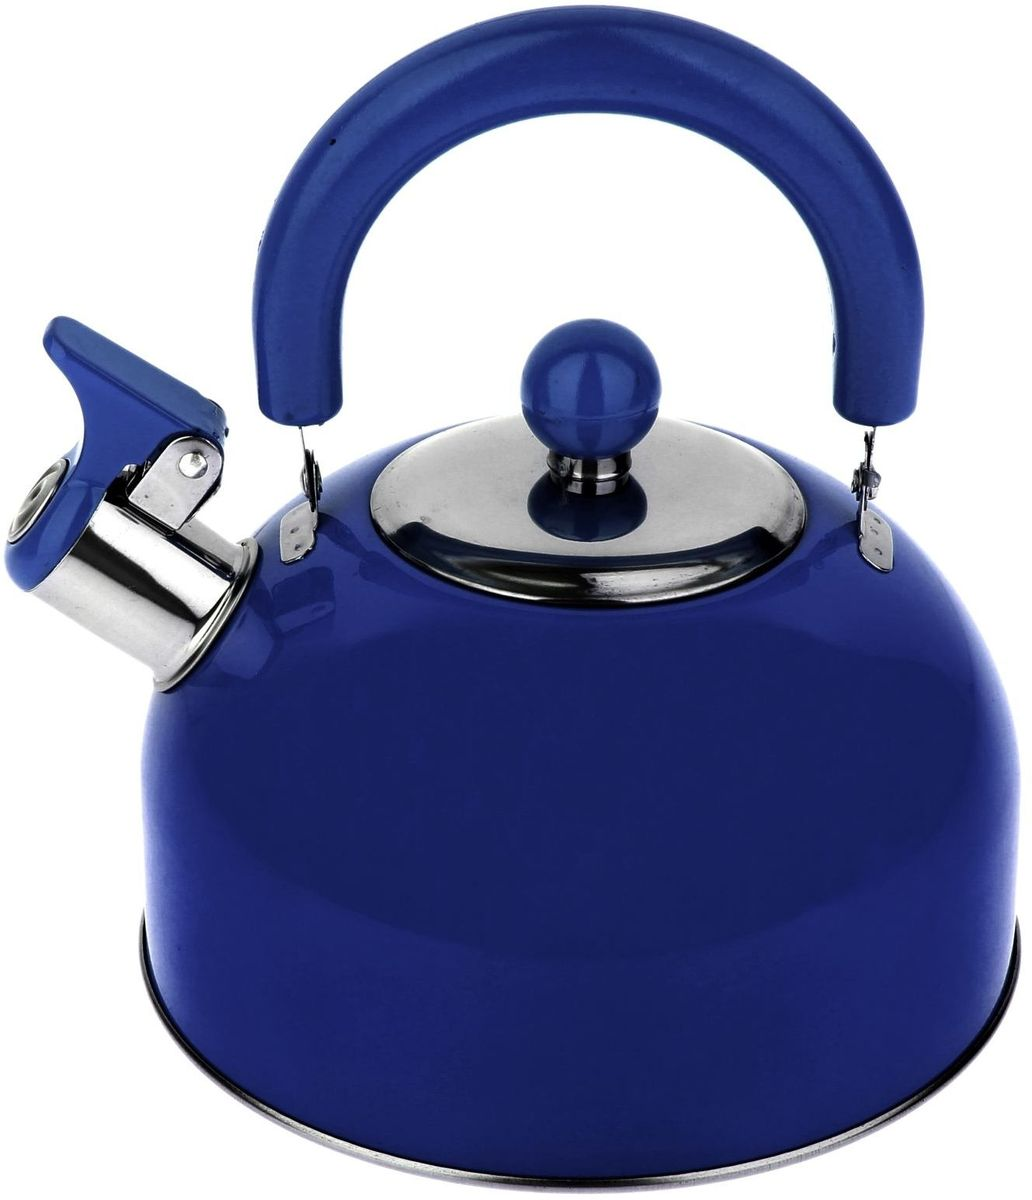 Чайник Доляна Радуга, со свистком, цвет: голубой, 2,1 л115510Бытовая посуда из нержавеющей стали славится неприхотливостью в уходе и безукоризненной функциональностью. Коррозиестойкий сплав обеспечивает гигиеничность изделий. Чайники из этого материала абсолютно безопасны для здоровья человека.Чем привлекательна посуда из нержавейки?Чайник из нержавеющей стали станет удачной находкой для дома или ресторана:благодаря низкой теплопроводности модели вода дольше остается горячей;необычный дизайн радует глаз и поднимает настроение;качественное дно гарантирует быстрый нагрев.Как продлить срок службы?Ухаживать за новым приобретением элементарно просто, но стоит помнить о нескольких нехитрых правилах.Во-первых, не следует применять абразивные инструменты и сильнохлорированные моющие средства.Во-вторых, не оставляйте пустую посуду на плите.В-третьих, если вы уезжаете из дома на длительное время - выливайте воду из чайника.Если на внутренней поверхности изделия появились пятна, используйте для их удаления несколько капель уксусной или лимонной кислоты.